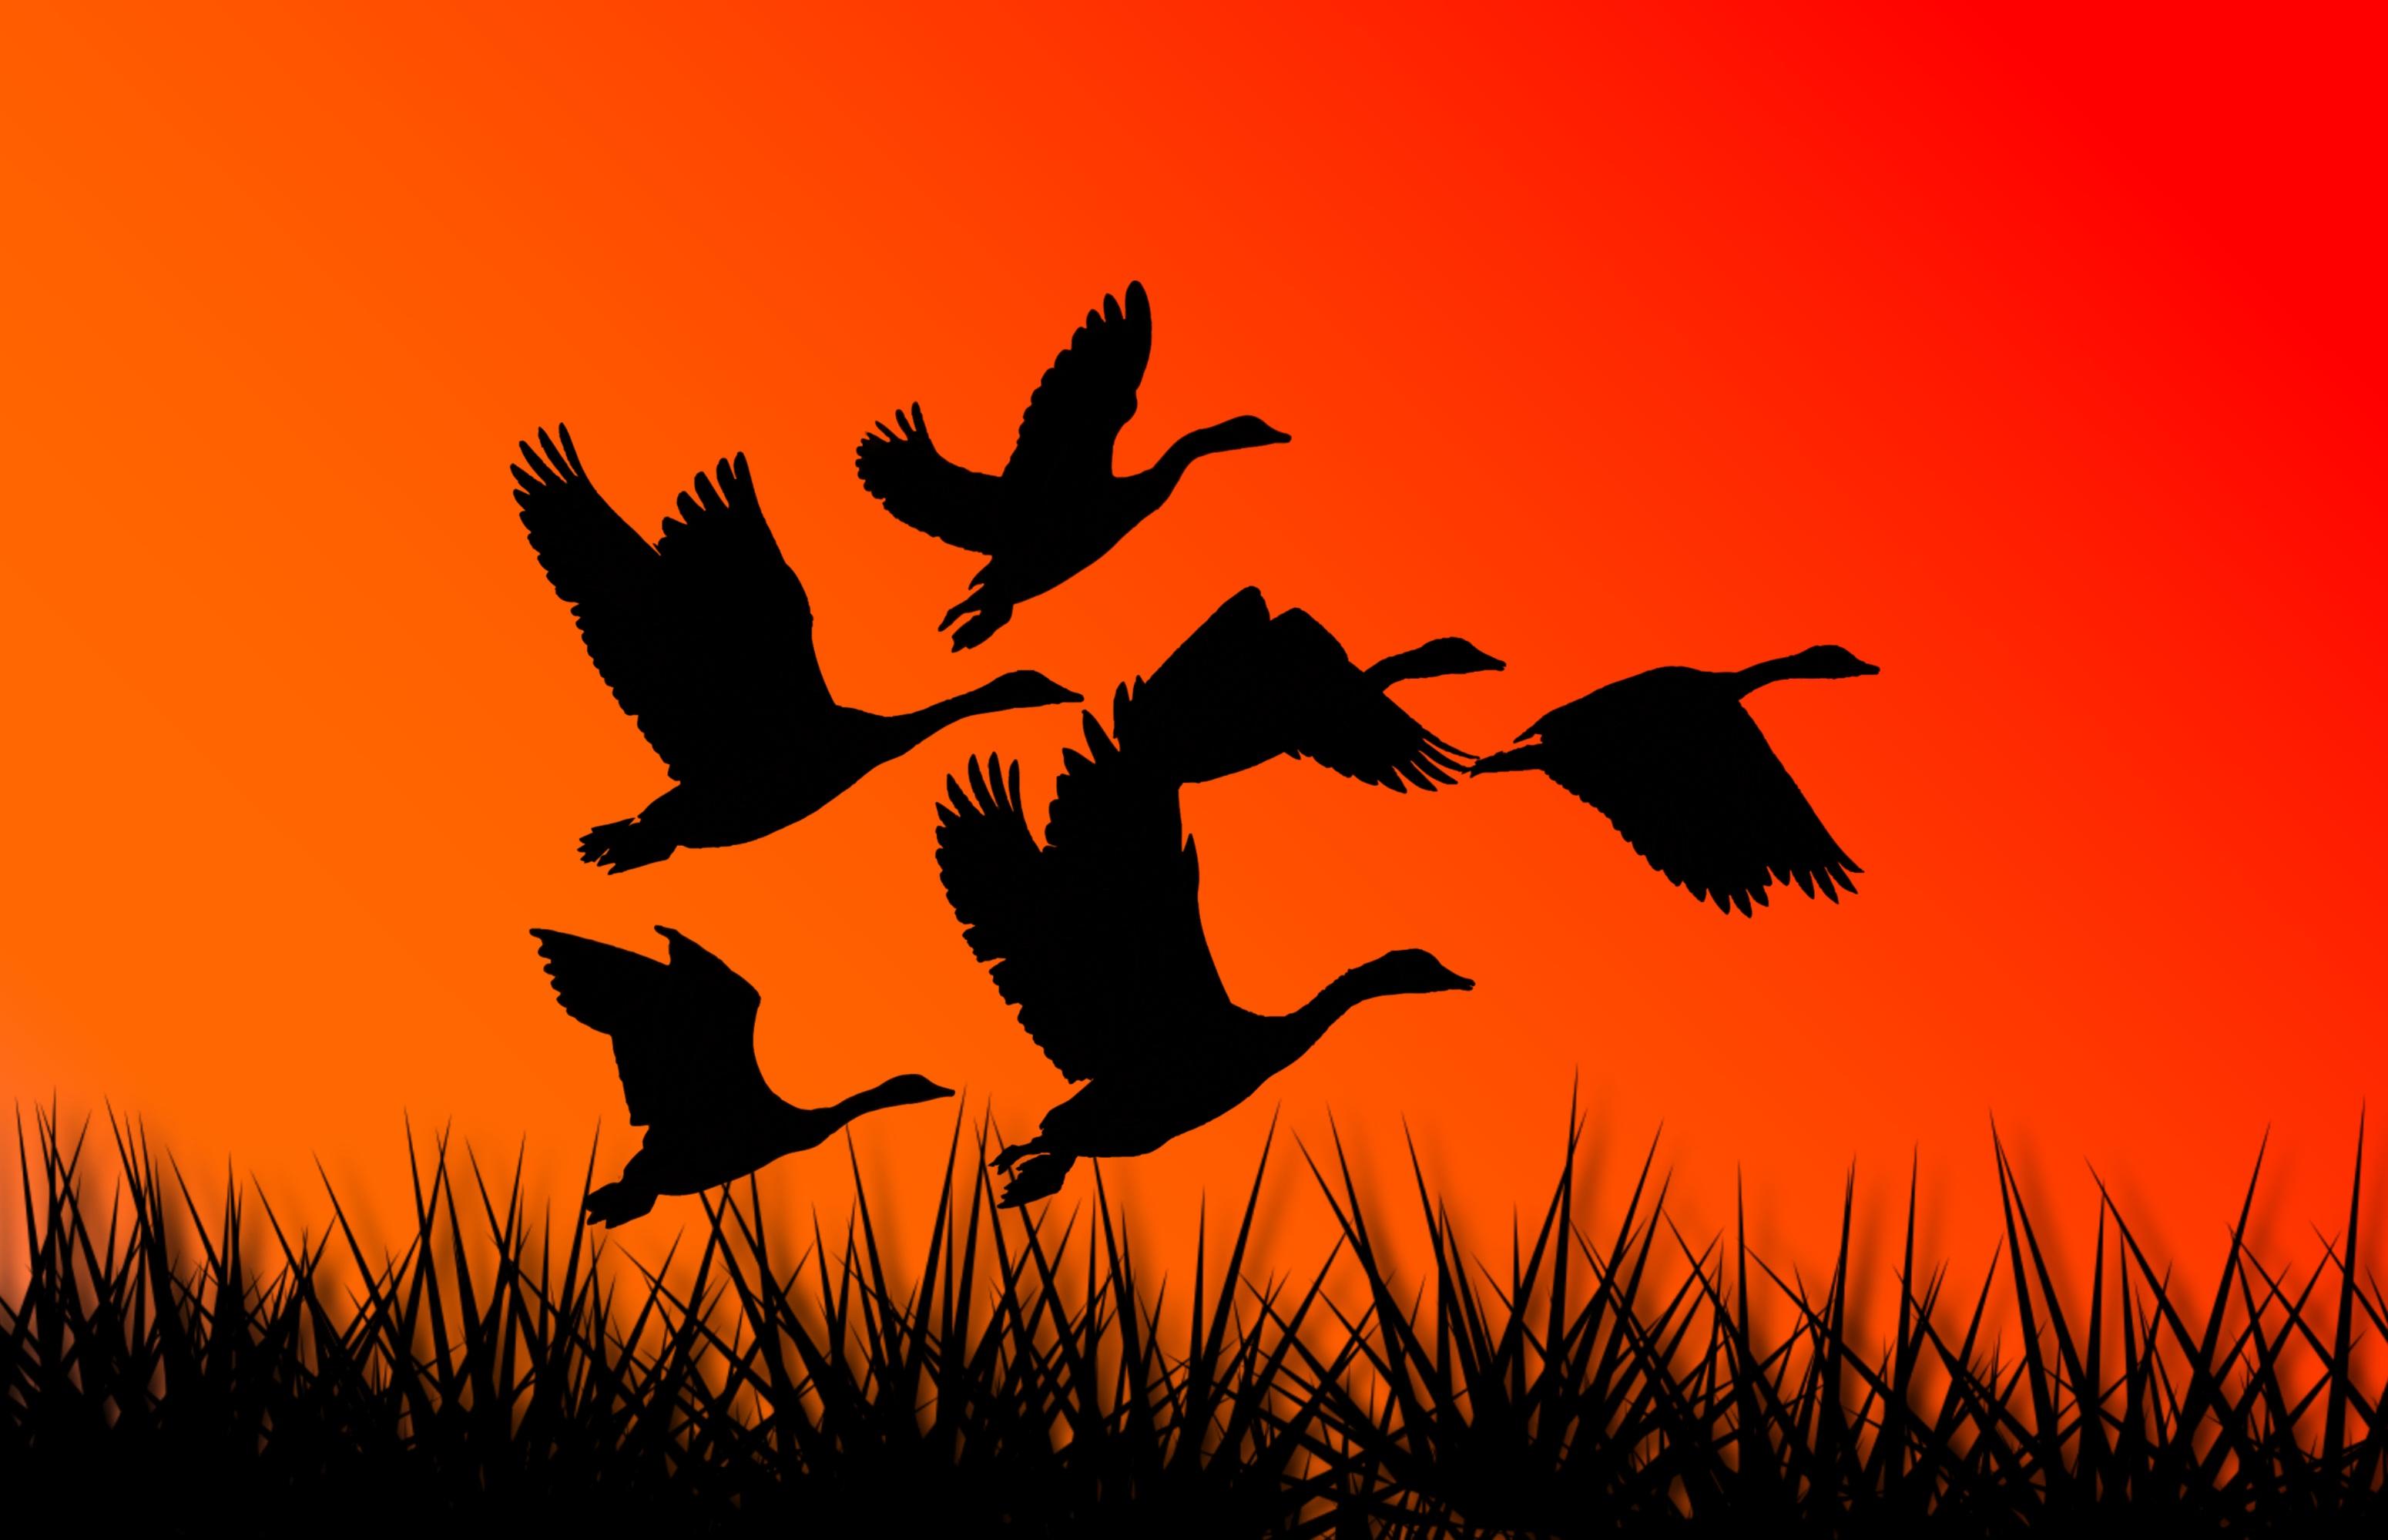 Фото Гуси птица силуэта летят Животные Векторная графика 3100x1999 гусь Птицы Силуэт силуэты Полет летит летящий животное